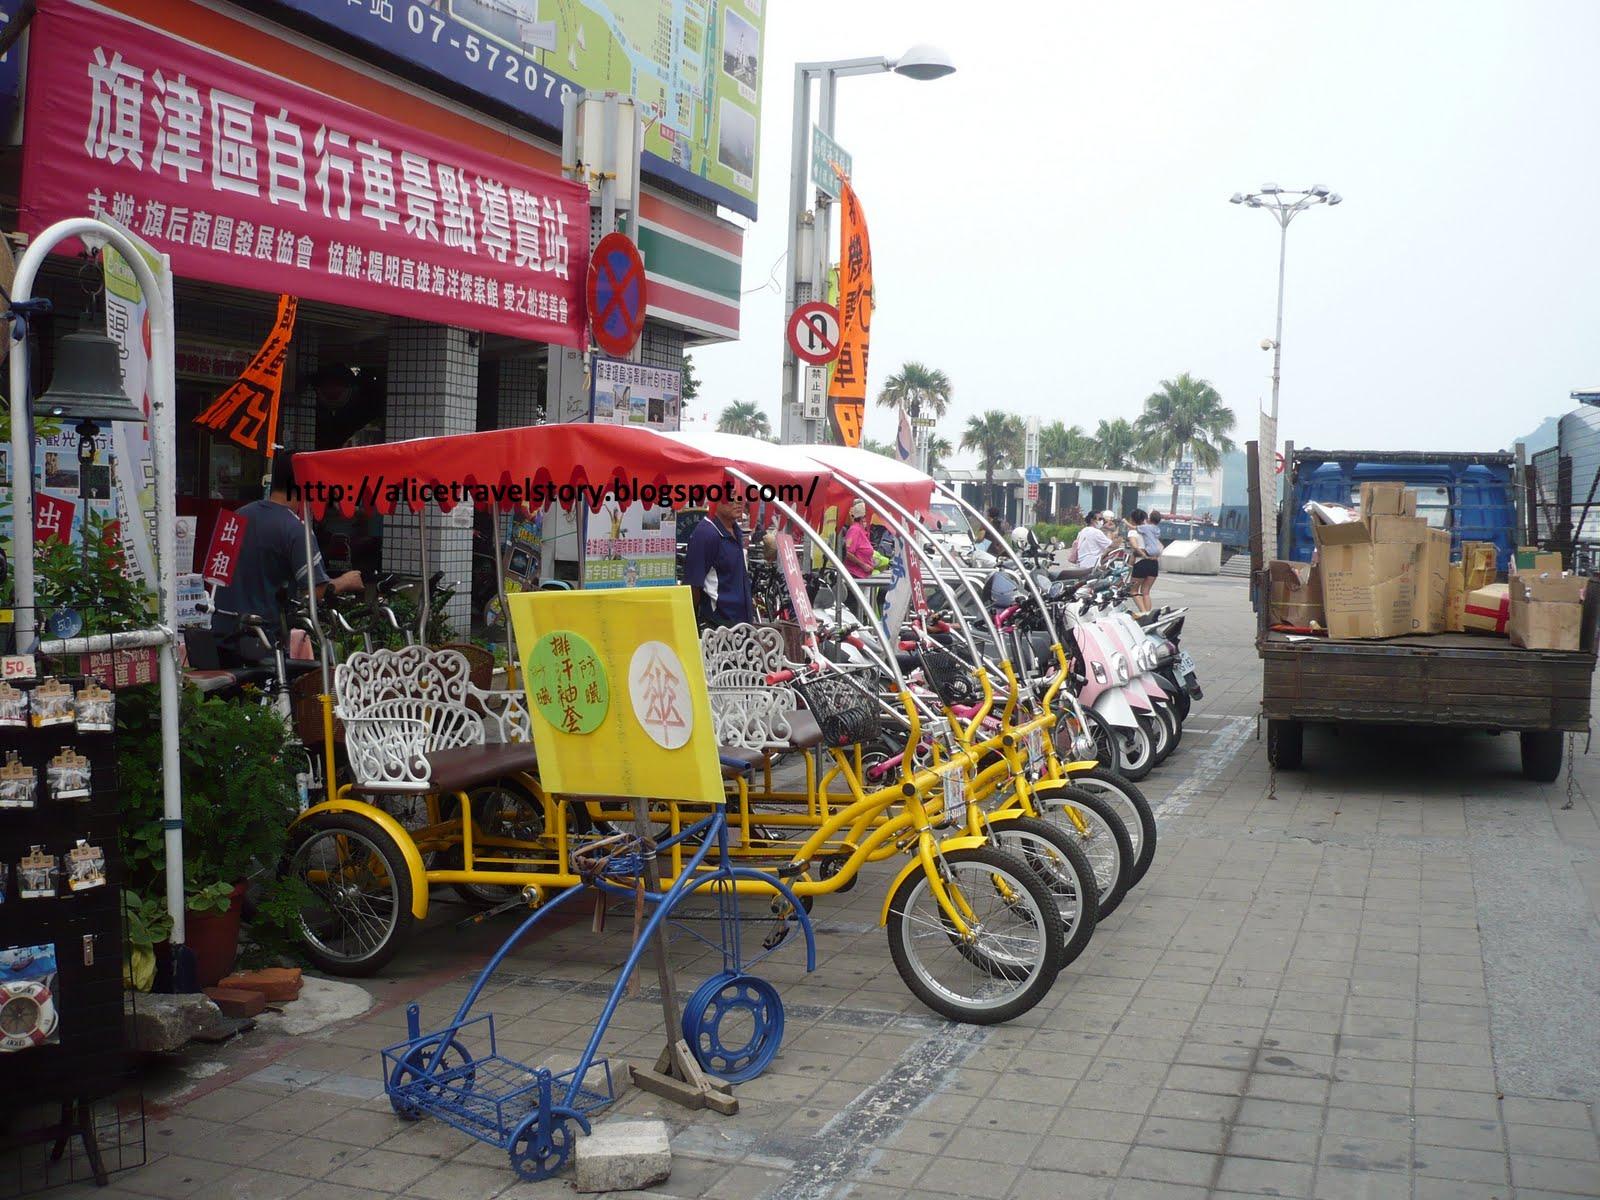 Cijin Island Bike Rental